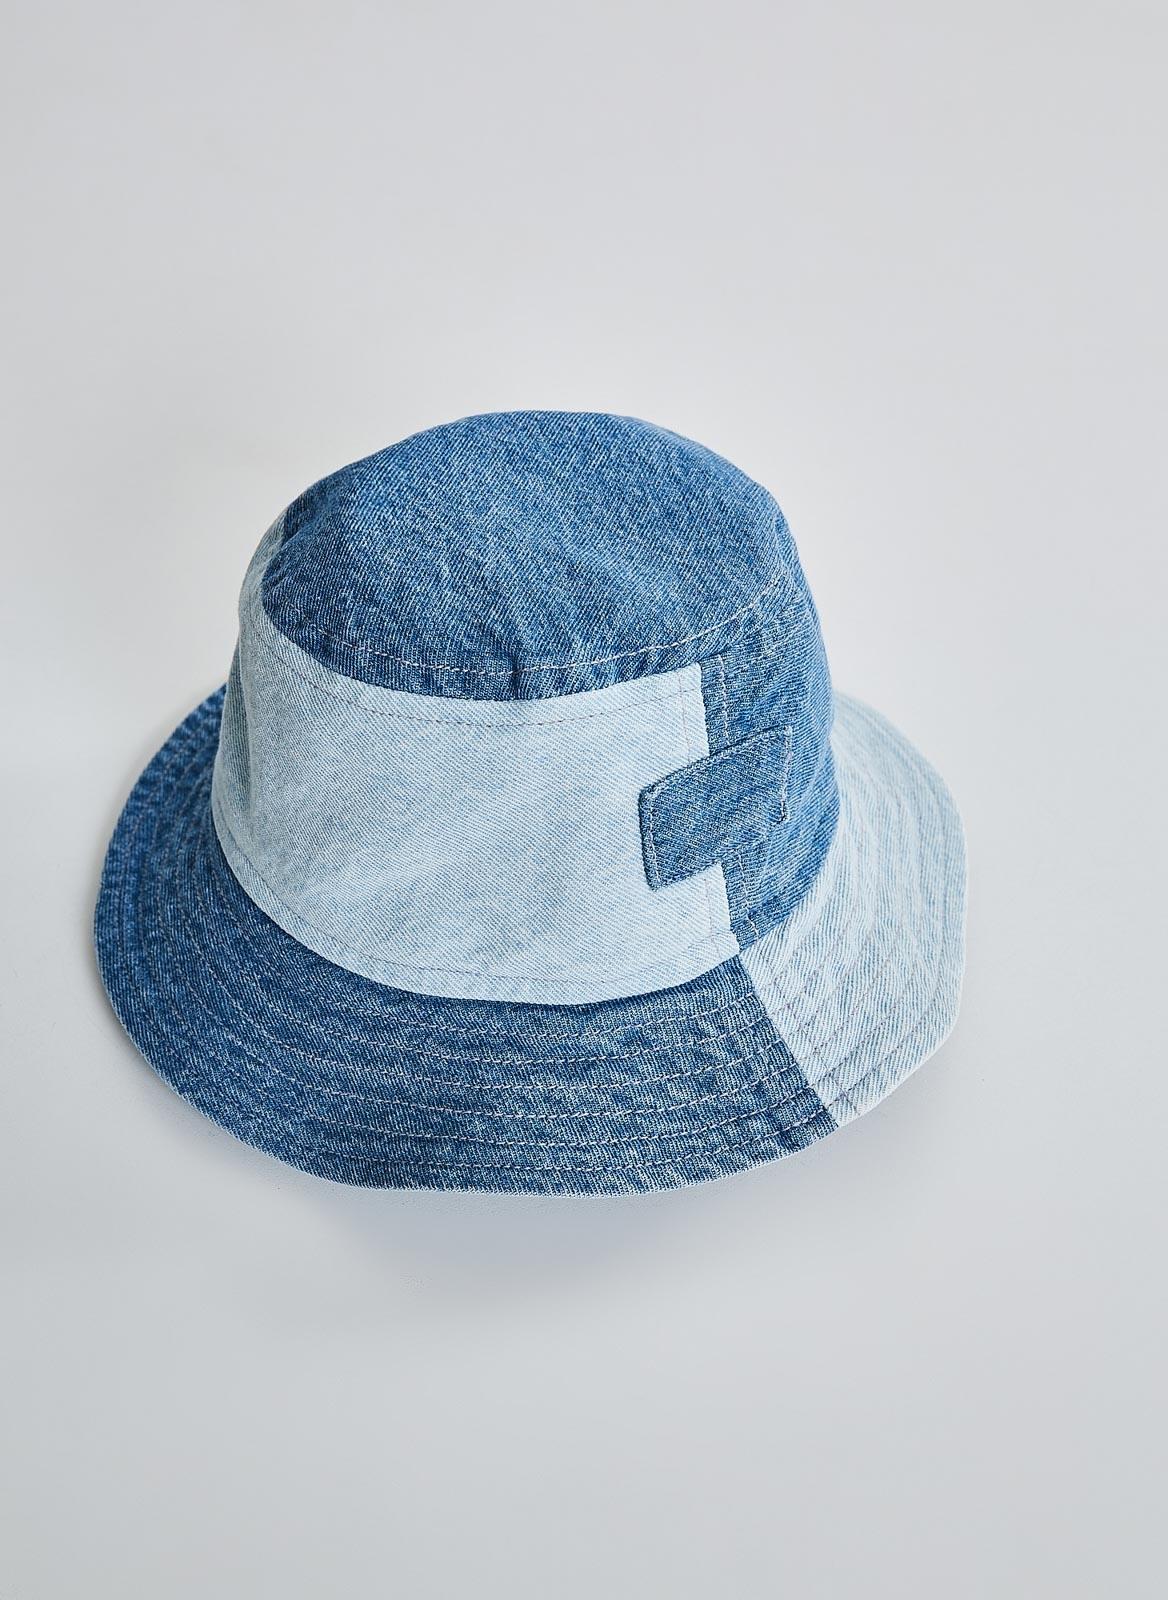 <em>Bucket hat patchwork</em> jeans <em>upcycle</em>, da Youcom